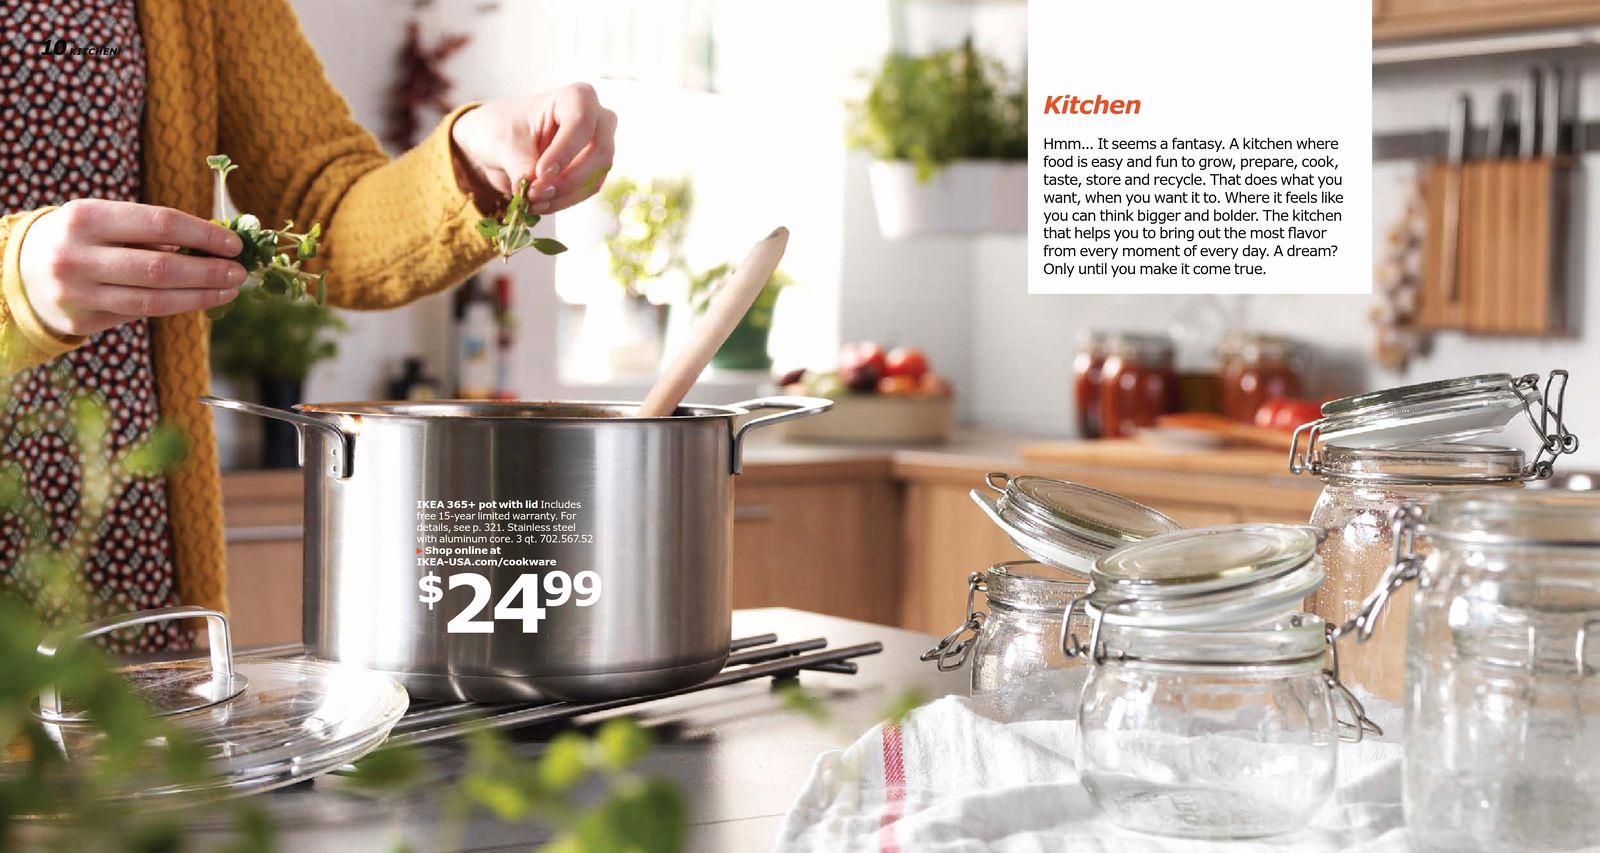 Ikea Cuisine Hittarp Frais Stock Cuisine Hittarp Ikea Nouveau 2016 Ikea Usa Catalog Armoires De Cuisine